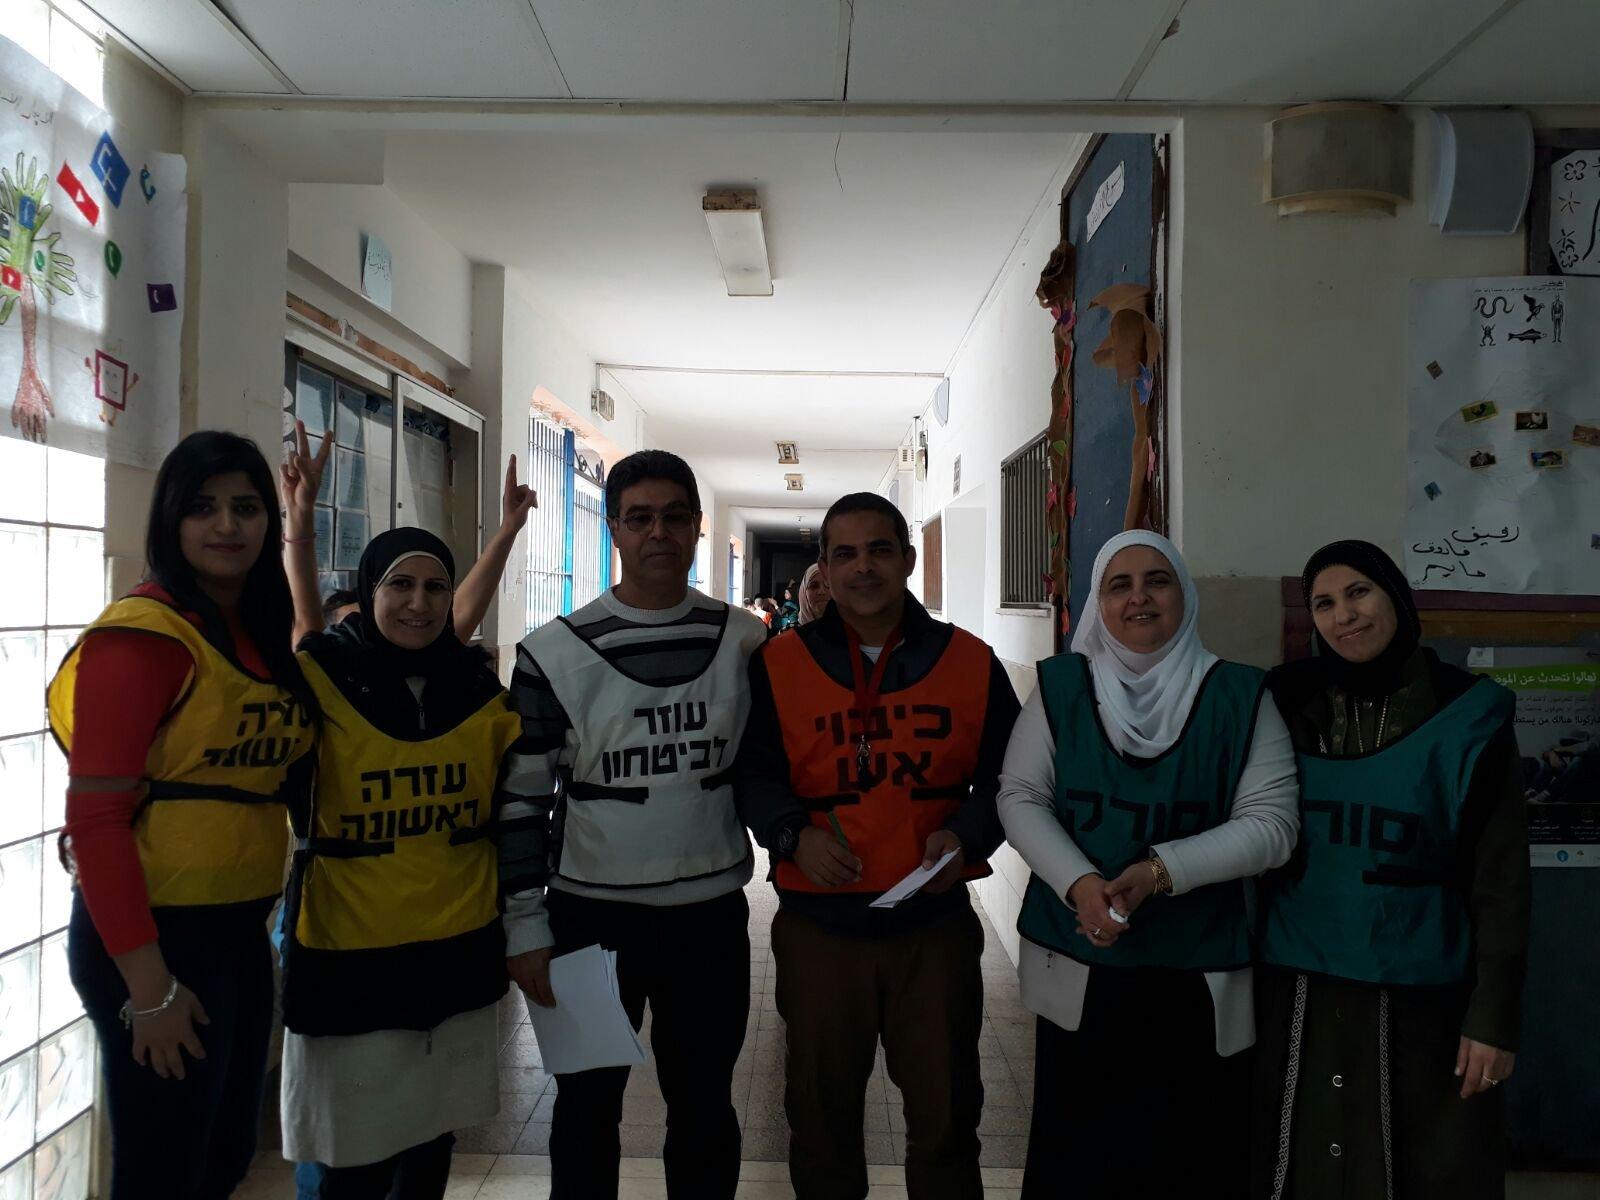 مدرسة كفر مصر الابتدائية تنظم تدريبًا يحاكي وقوع حرب وسقوط صواريخ